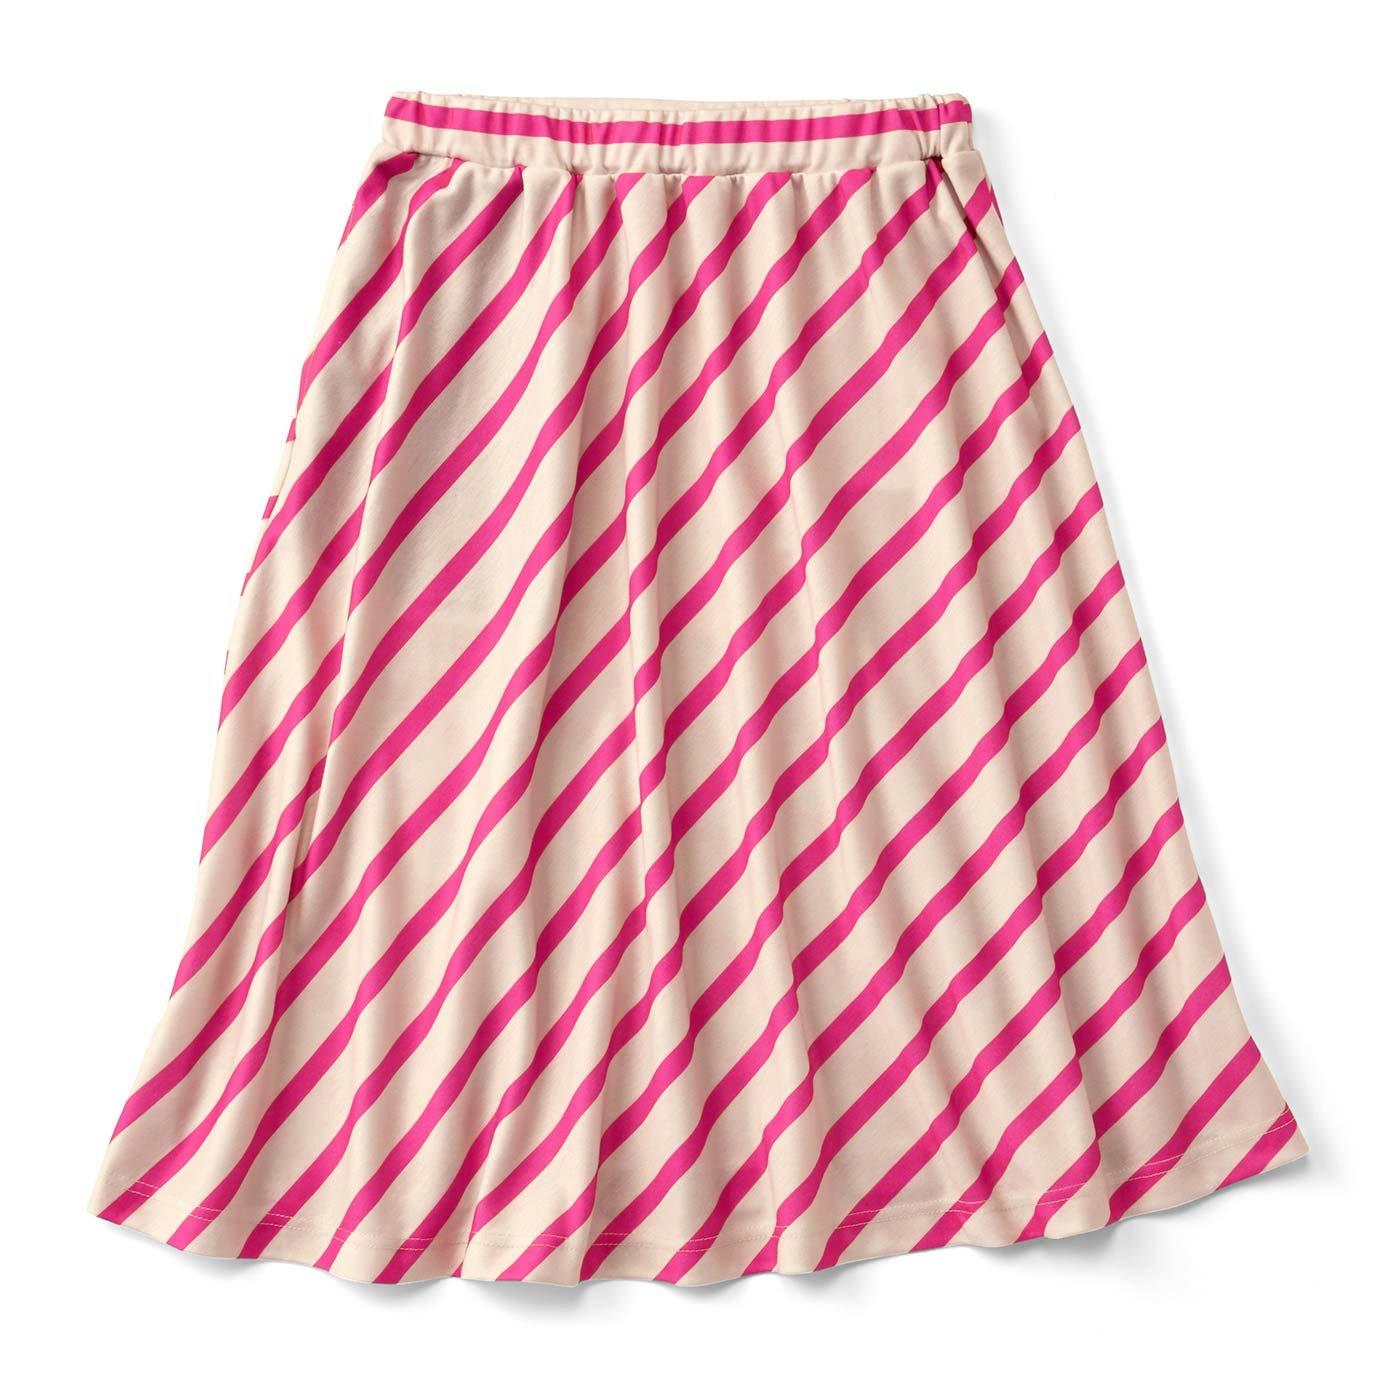 ななめストライプのやわらかスカート〈ピンク〉